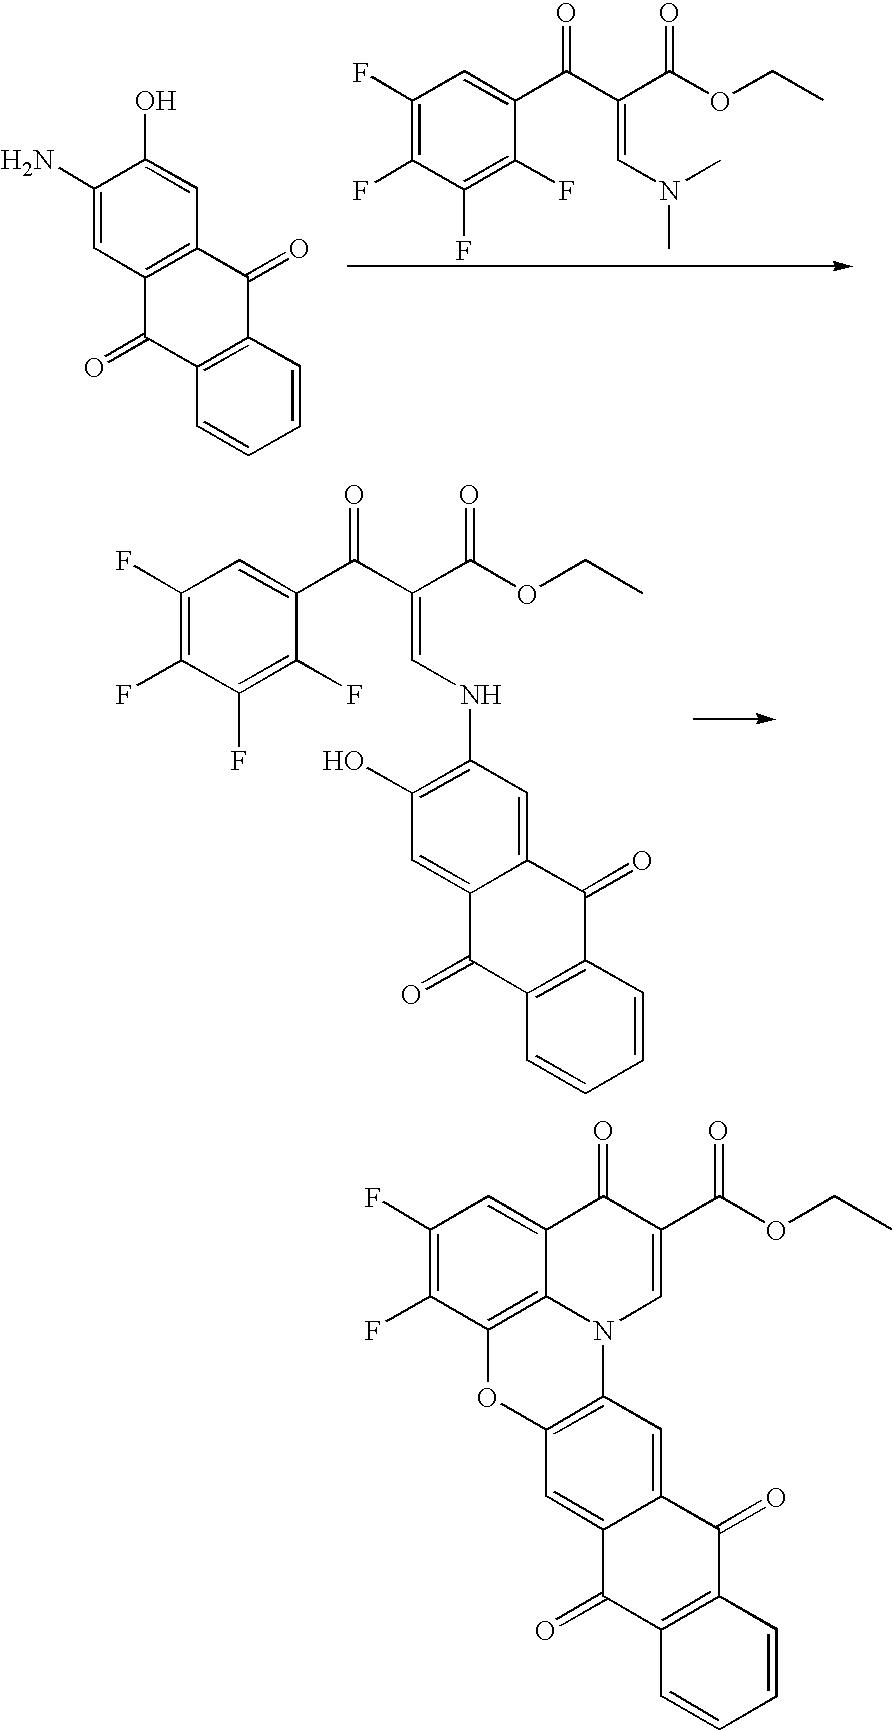 Figure US07326702-20080205-C00057